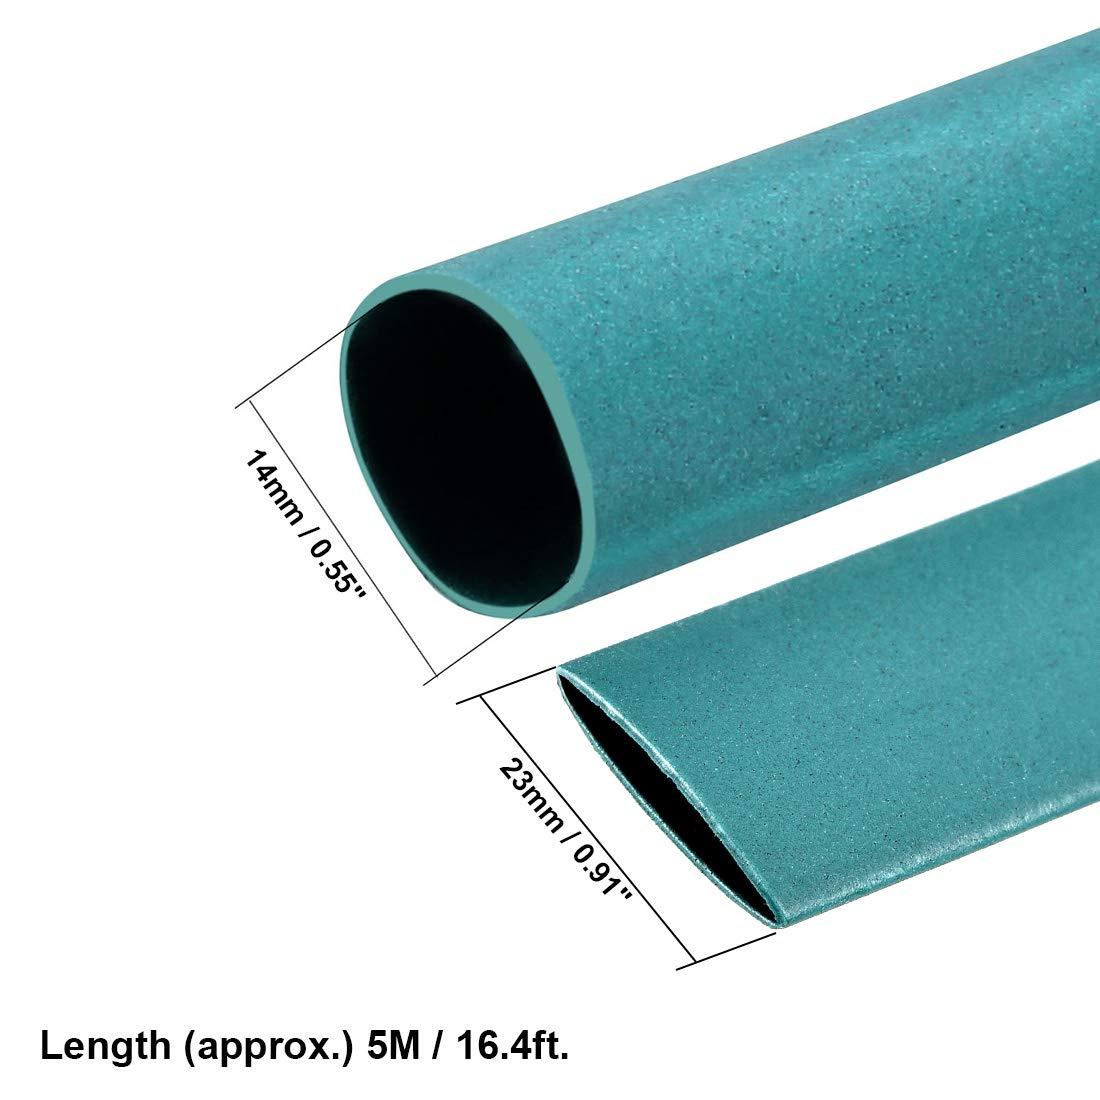 14 mm Durchmesser Draht-Schlauch Sourcingmap Schrumpfschlauch Gr/ün 5 m L/änge 2:1 Elektrische Isolierschlauch